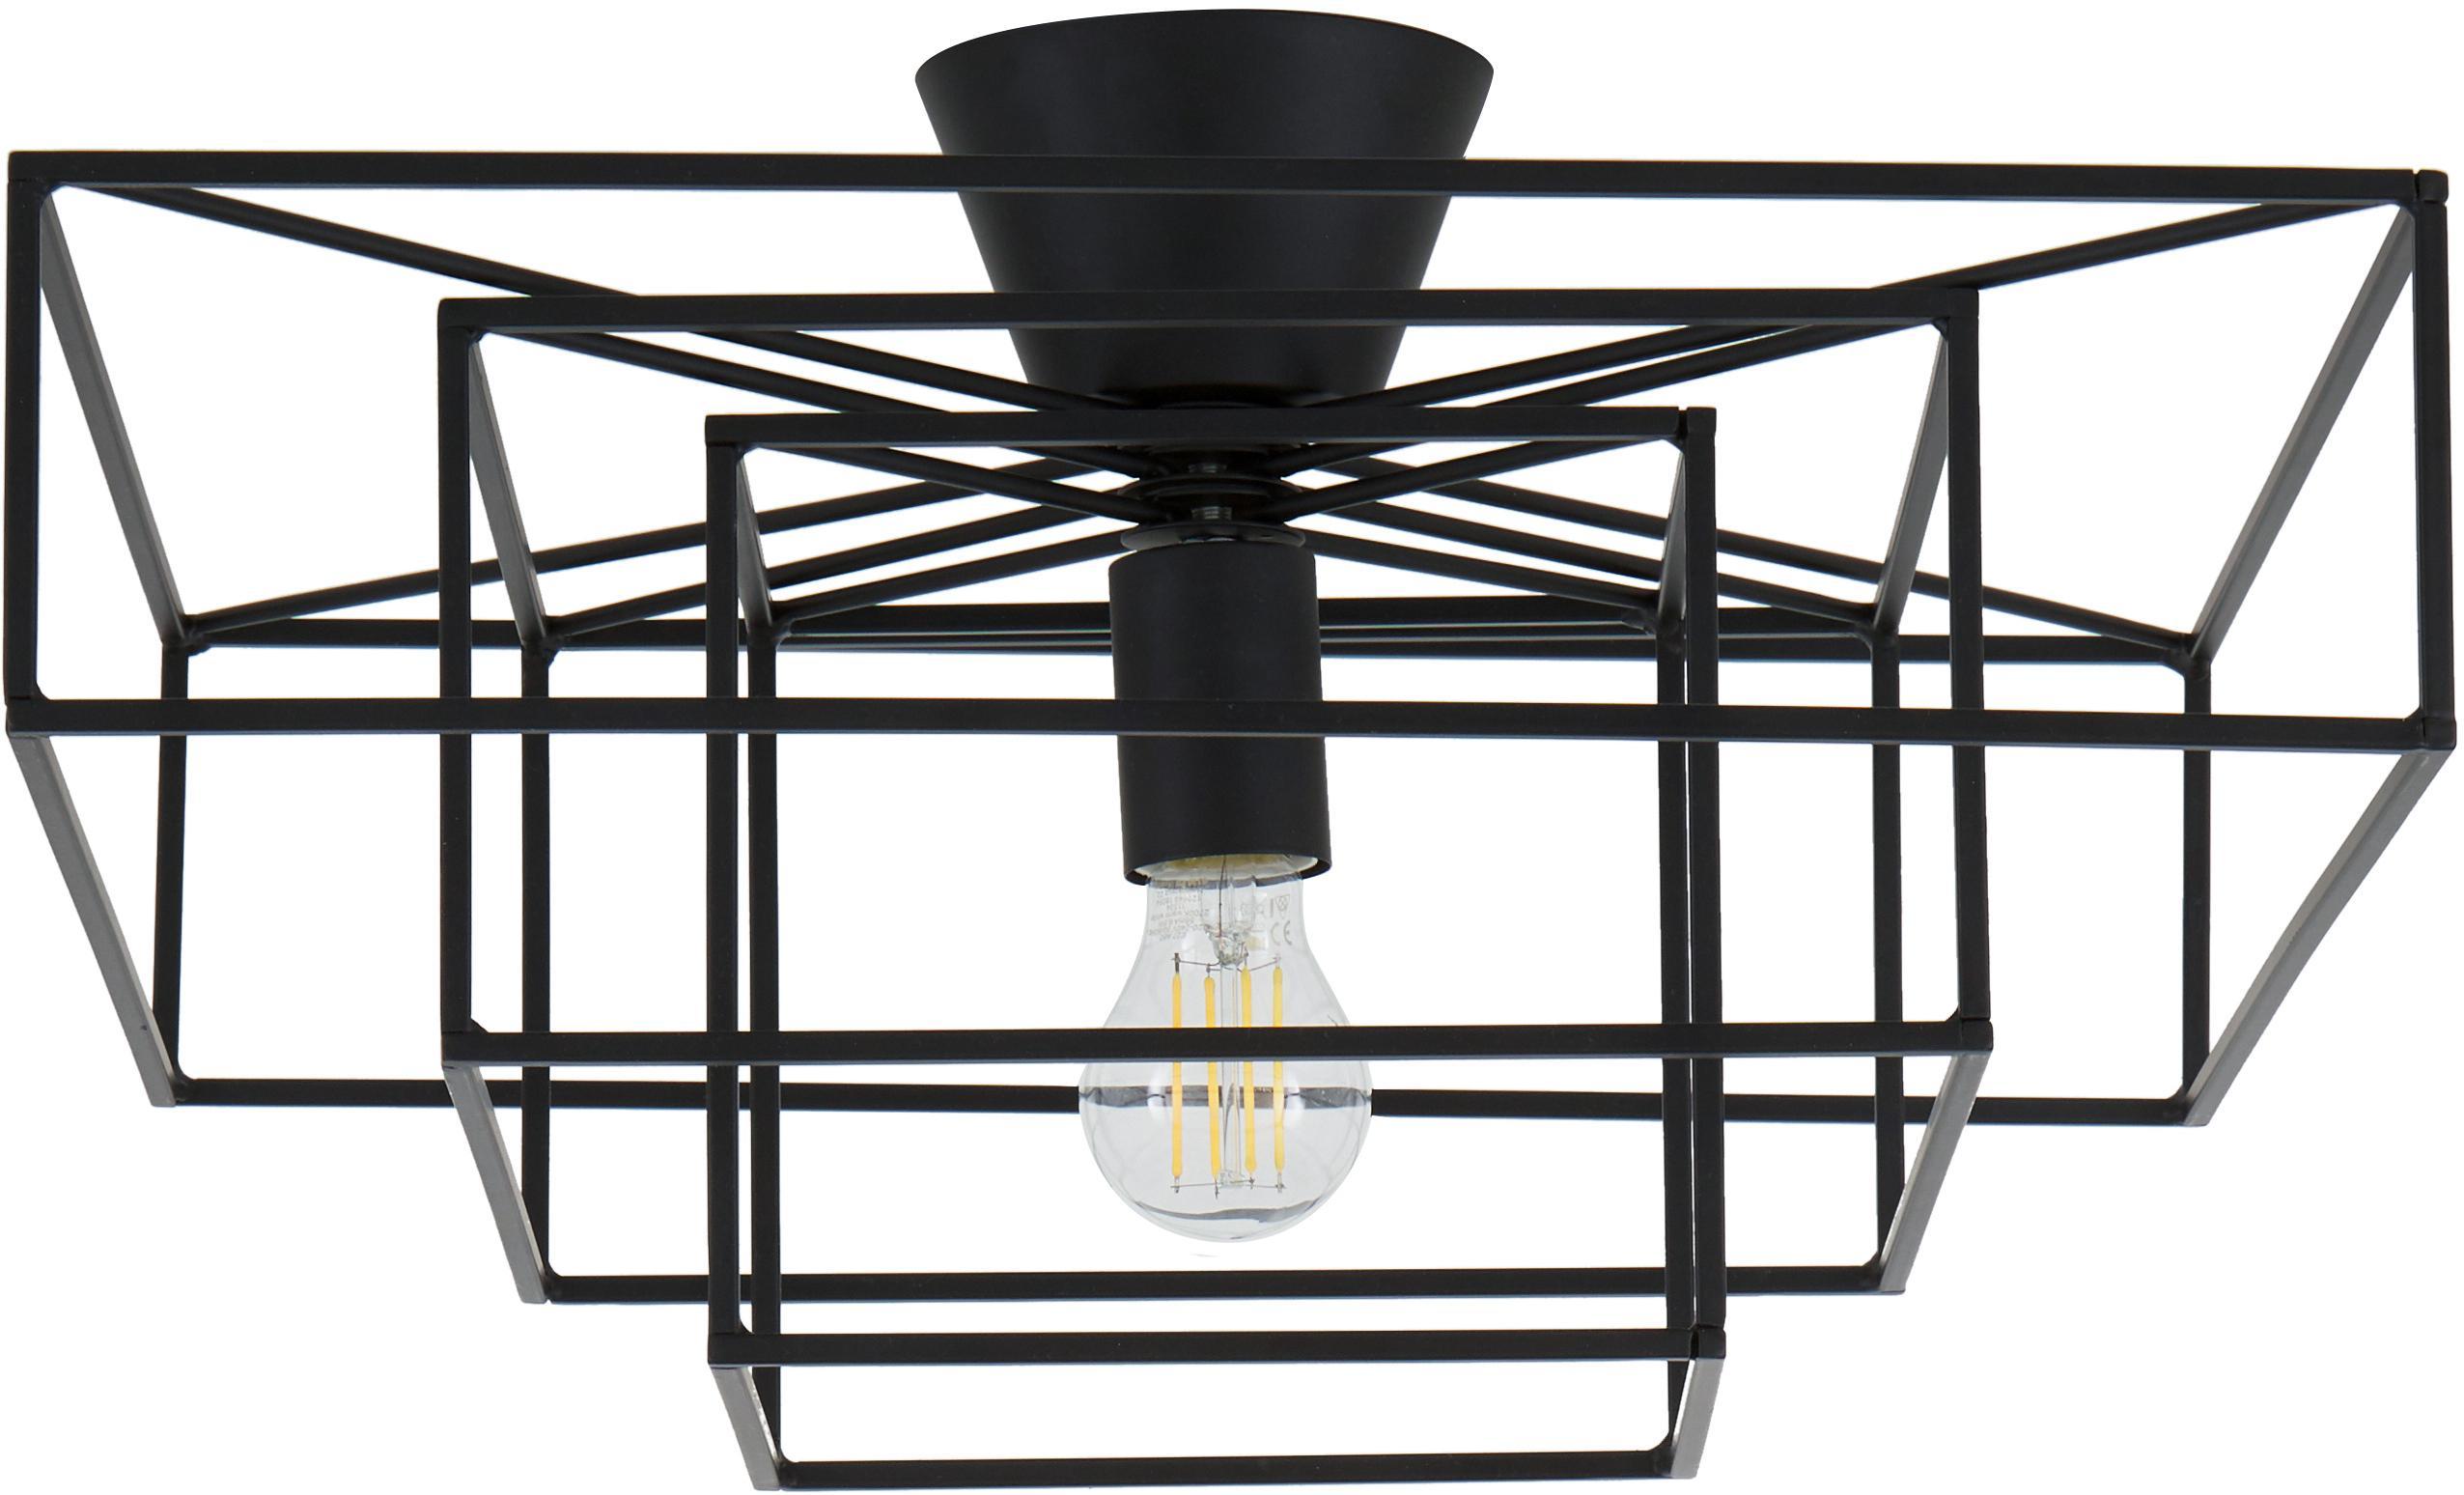 Lampa sufitowa Cube, Mosiądz lakierowany, Czarny, S 46 x W 27 cm